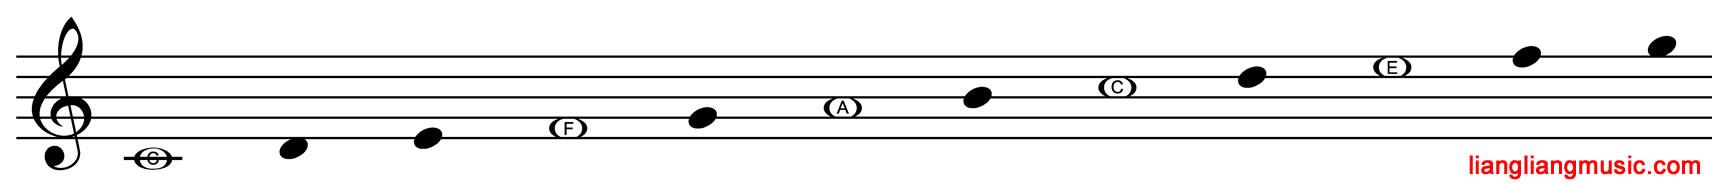 高音谱号通过FACE找其他音